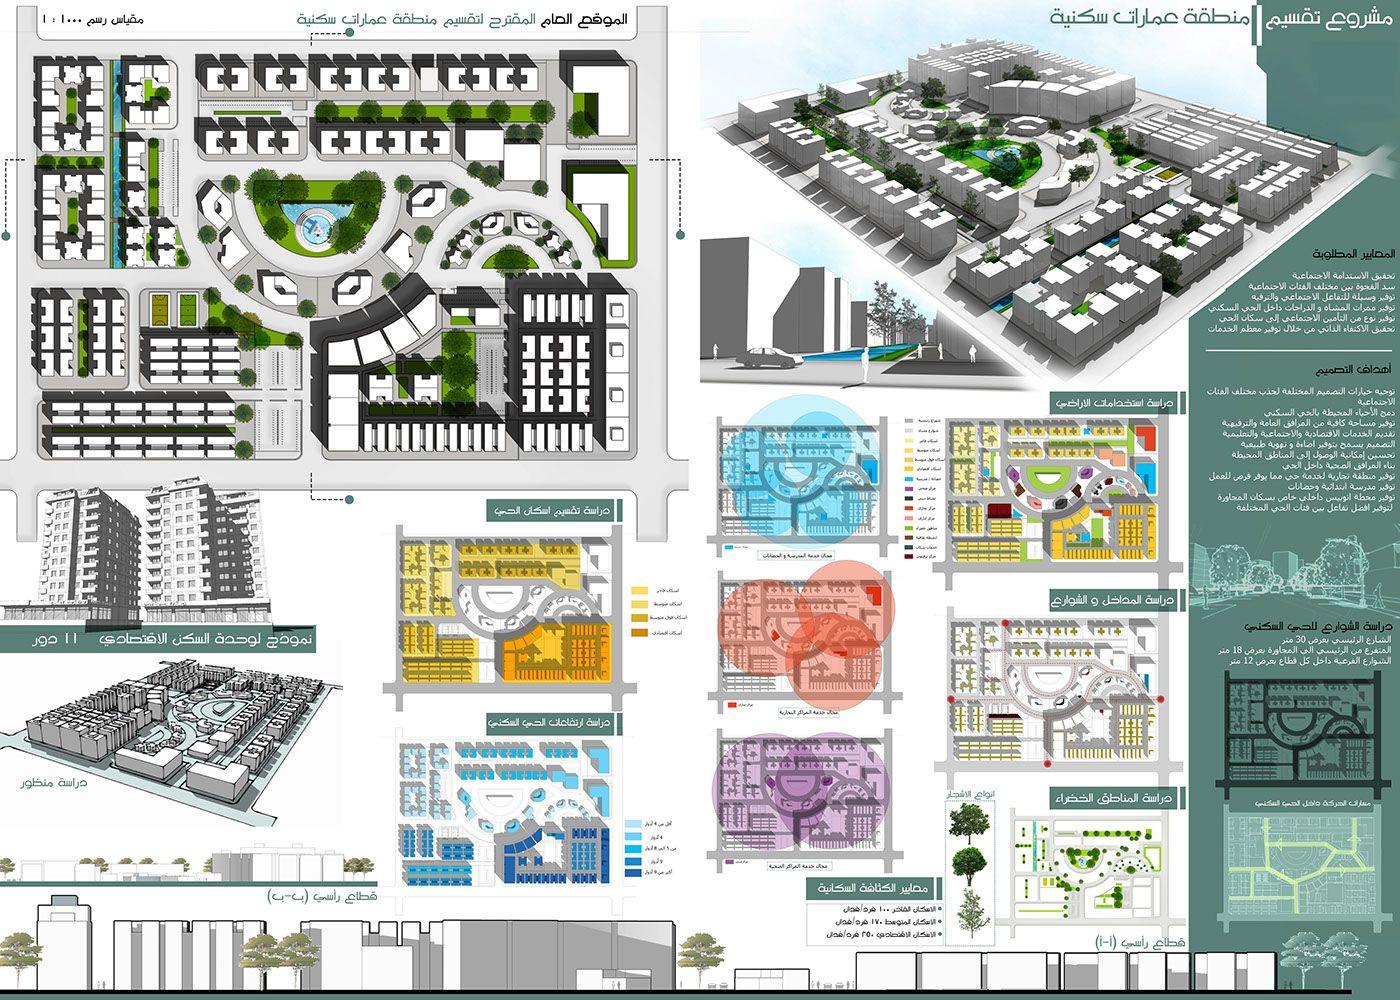 تخطيط عمراني تقسيم عمارات سكنية مدينة برج العرب Diagram Architecture Urban Planning Architecture